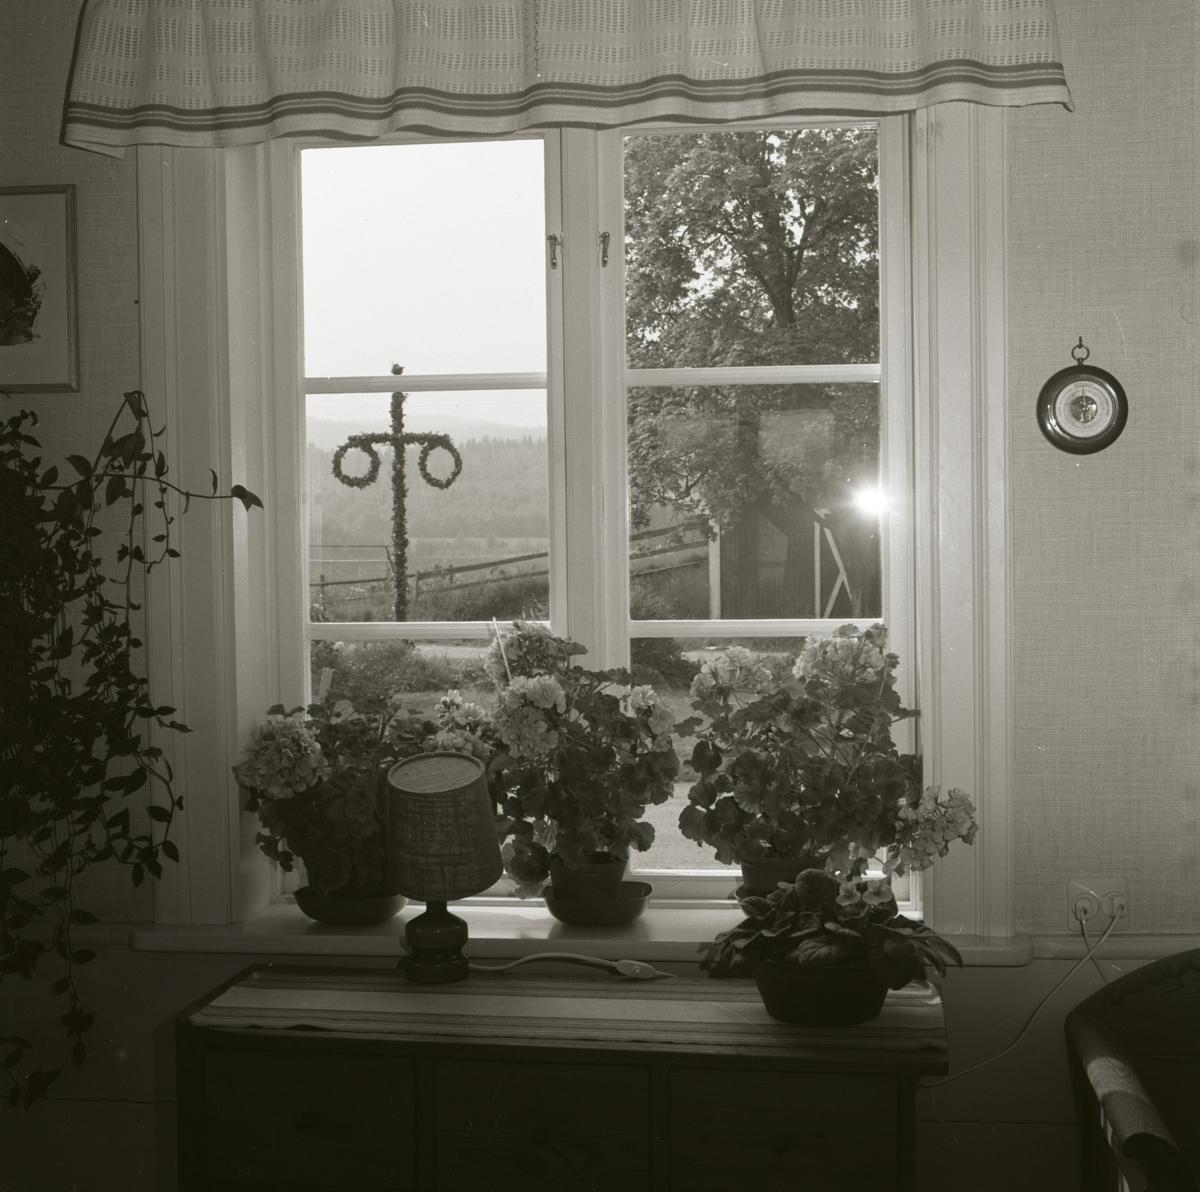 Ett fönster med blommor stående på fönsterbrädan vid gården Sunnanåker. Utanför fönstret syns midsommarstången, 1971.